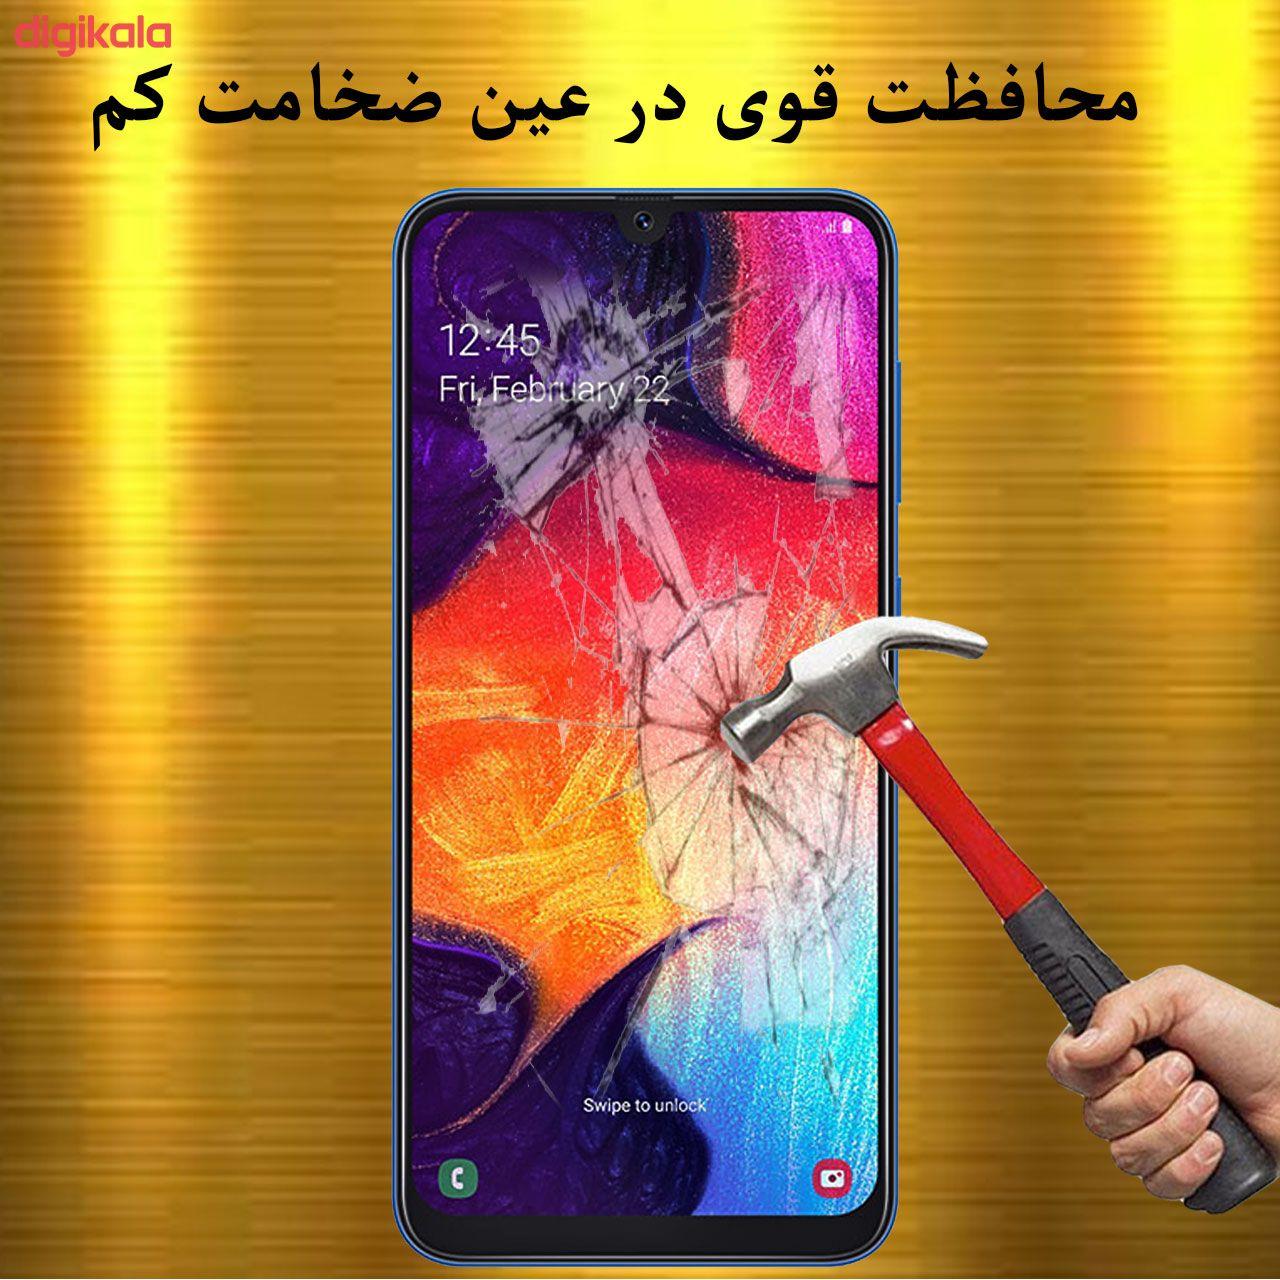 محافظ صفحه نمایش تراستکتور مدل GSS مناسب برای گوشی موبایل سامسونگ Galaxy A50 بسته 5 عددی main 1 3